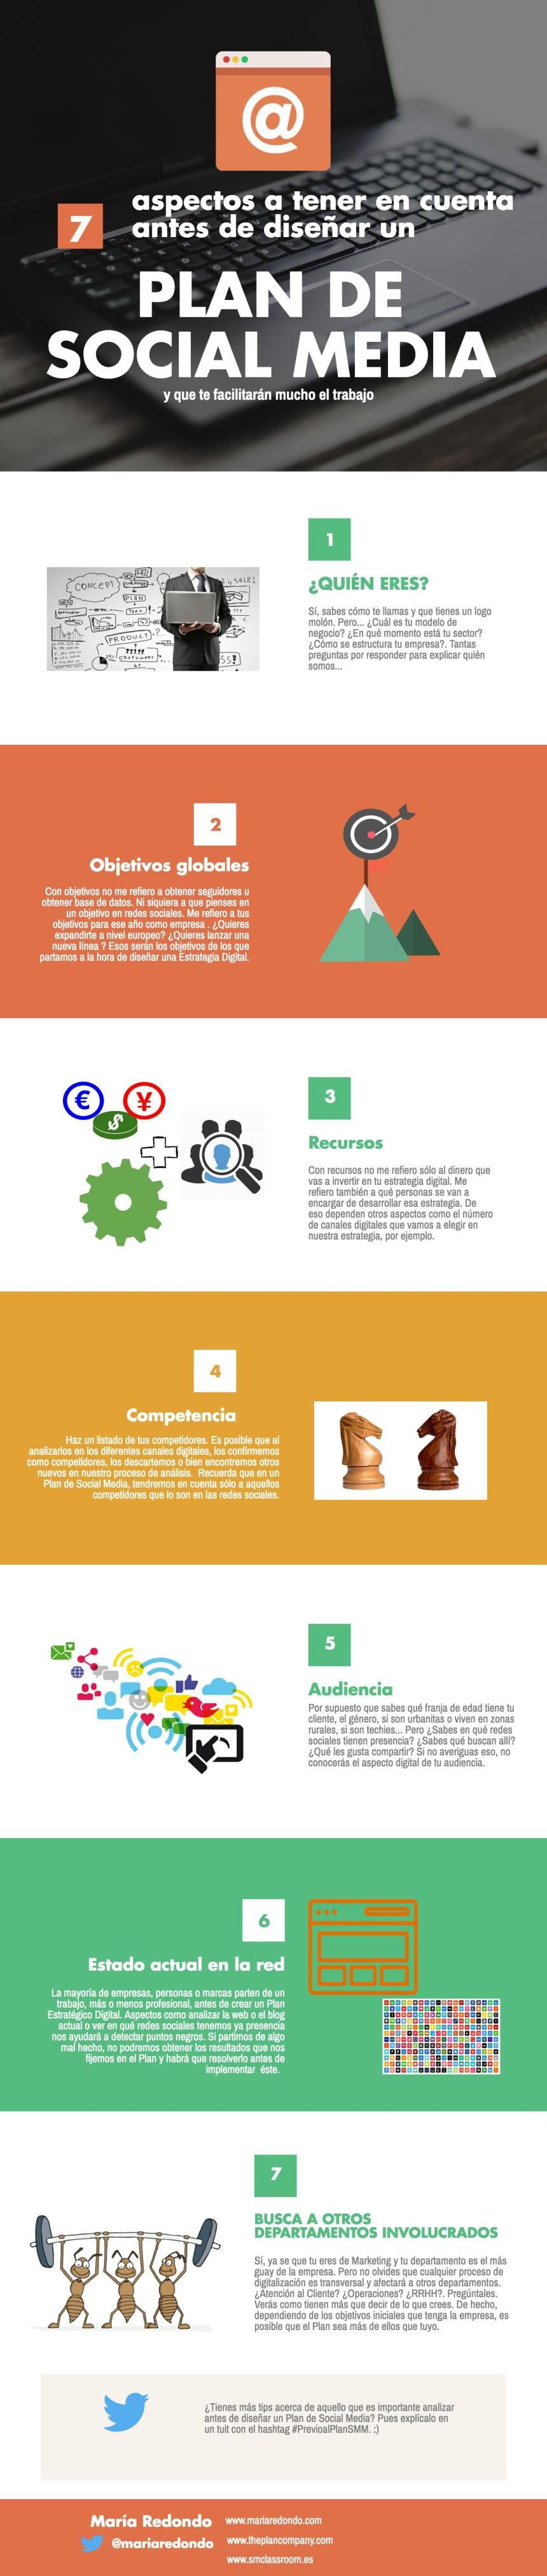 7 aspectos a considerar en tu Plan de Redes Sociales